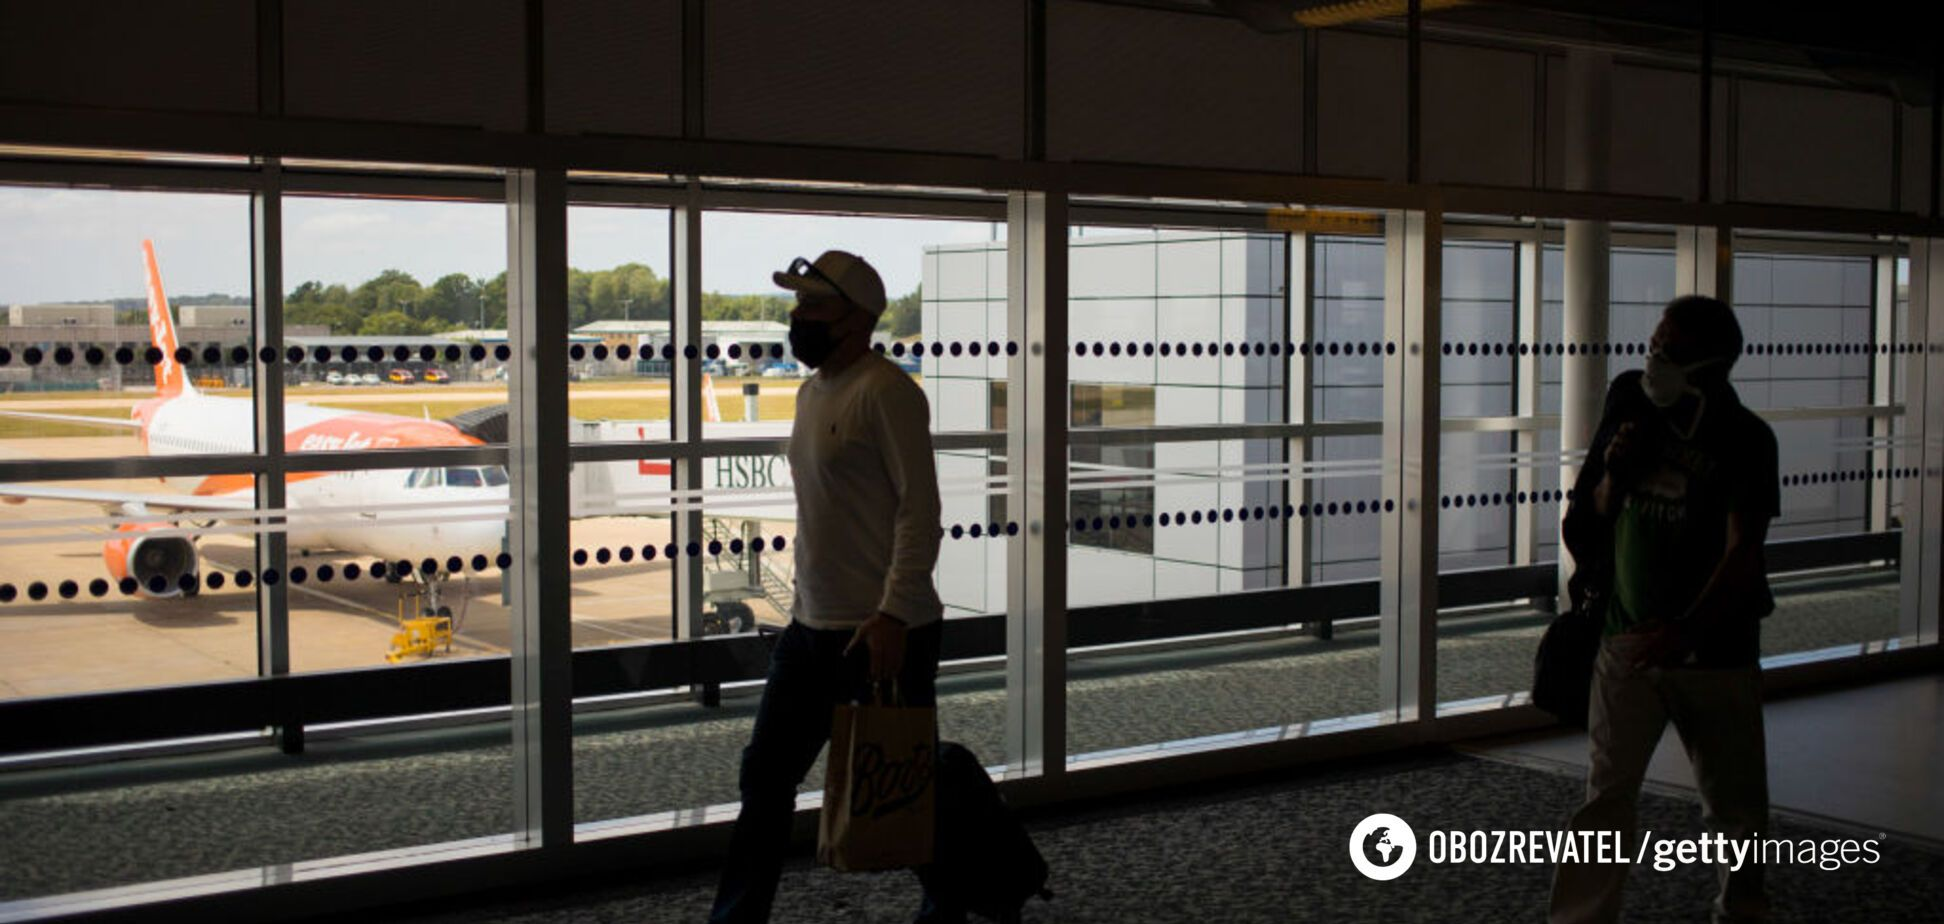 Как сэкономить деньги и время: советы для авиапутешественников